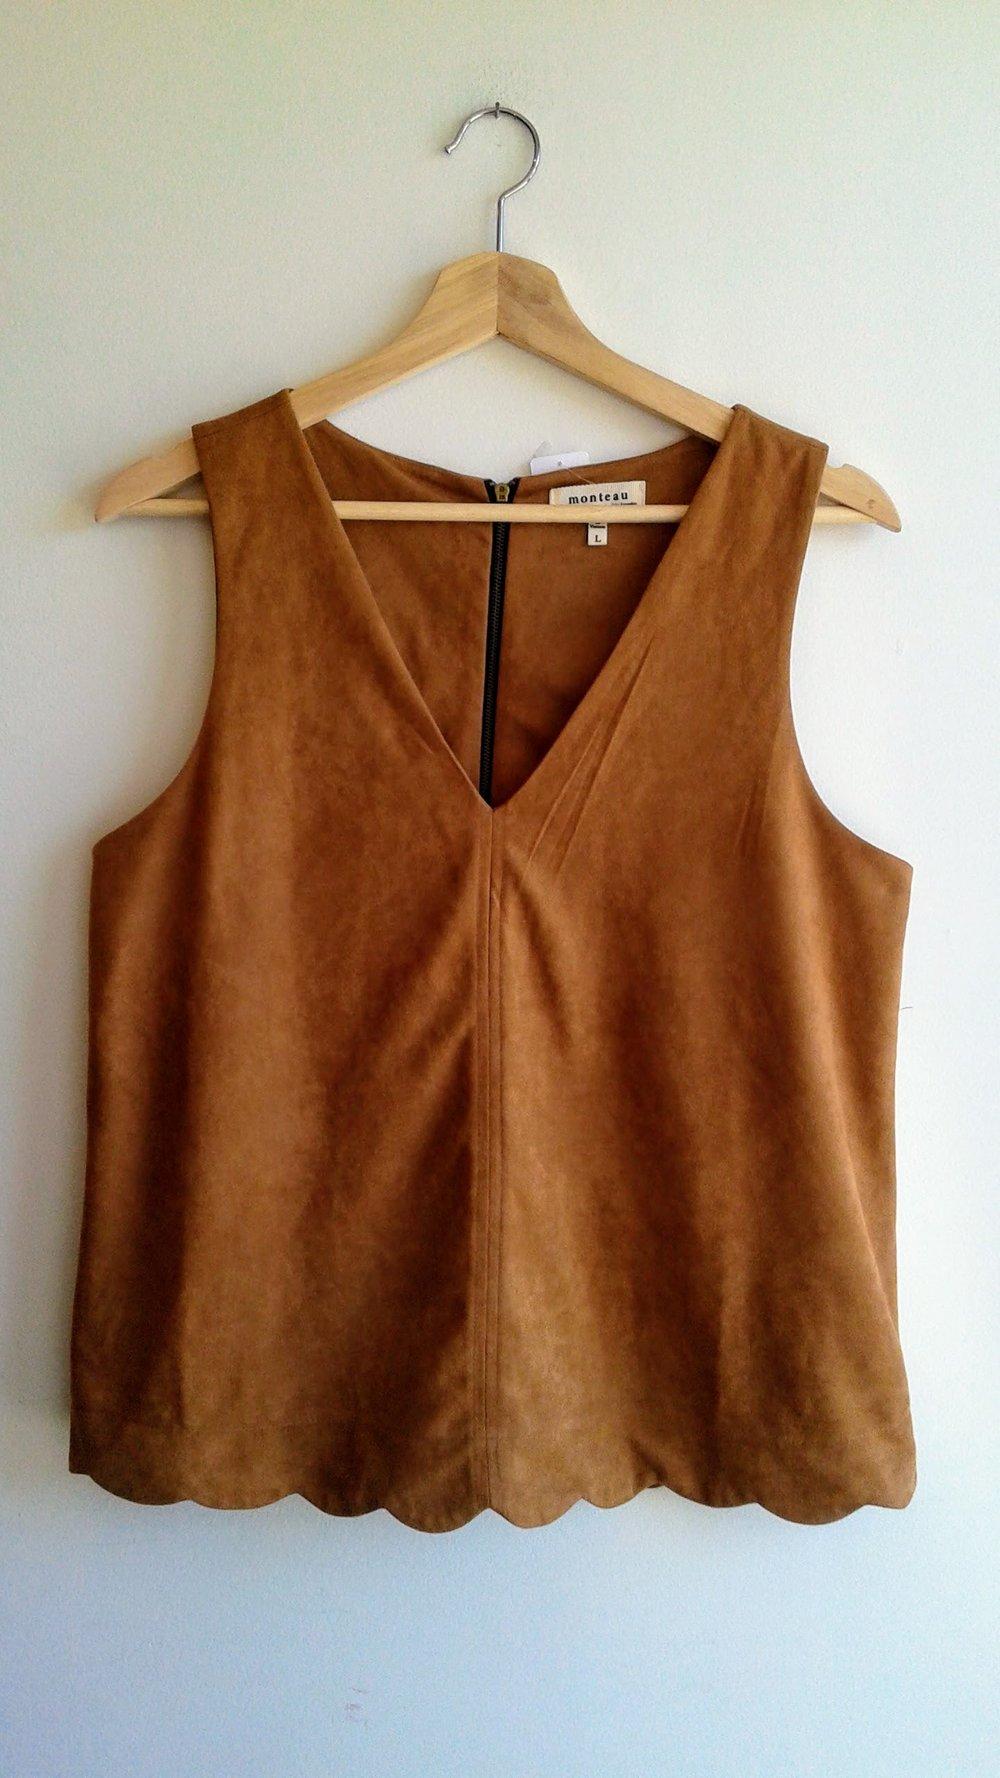 Monteau top; Size L, $22